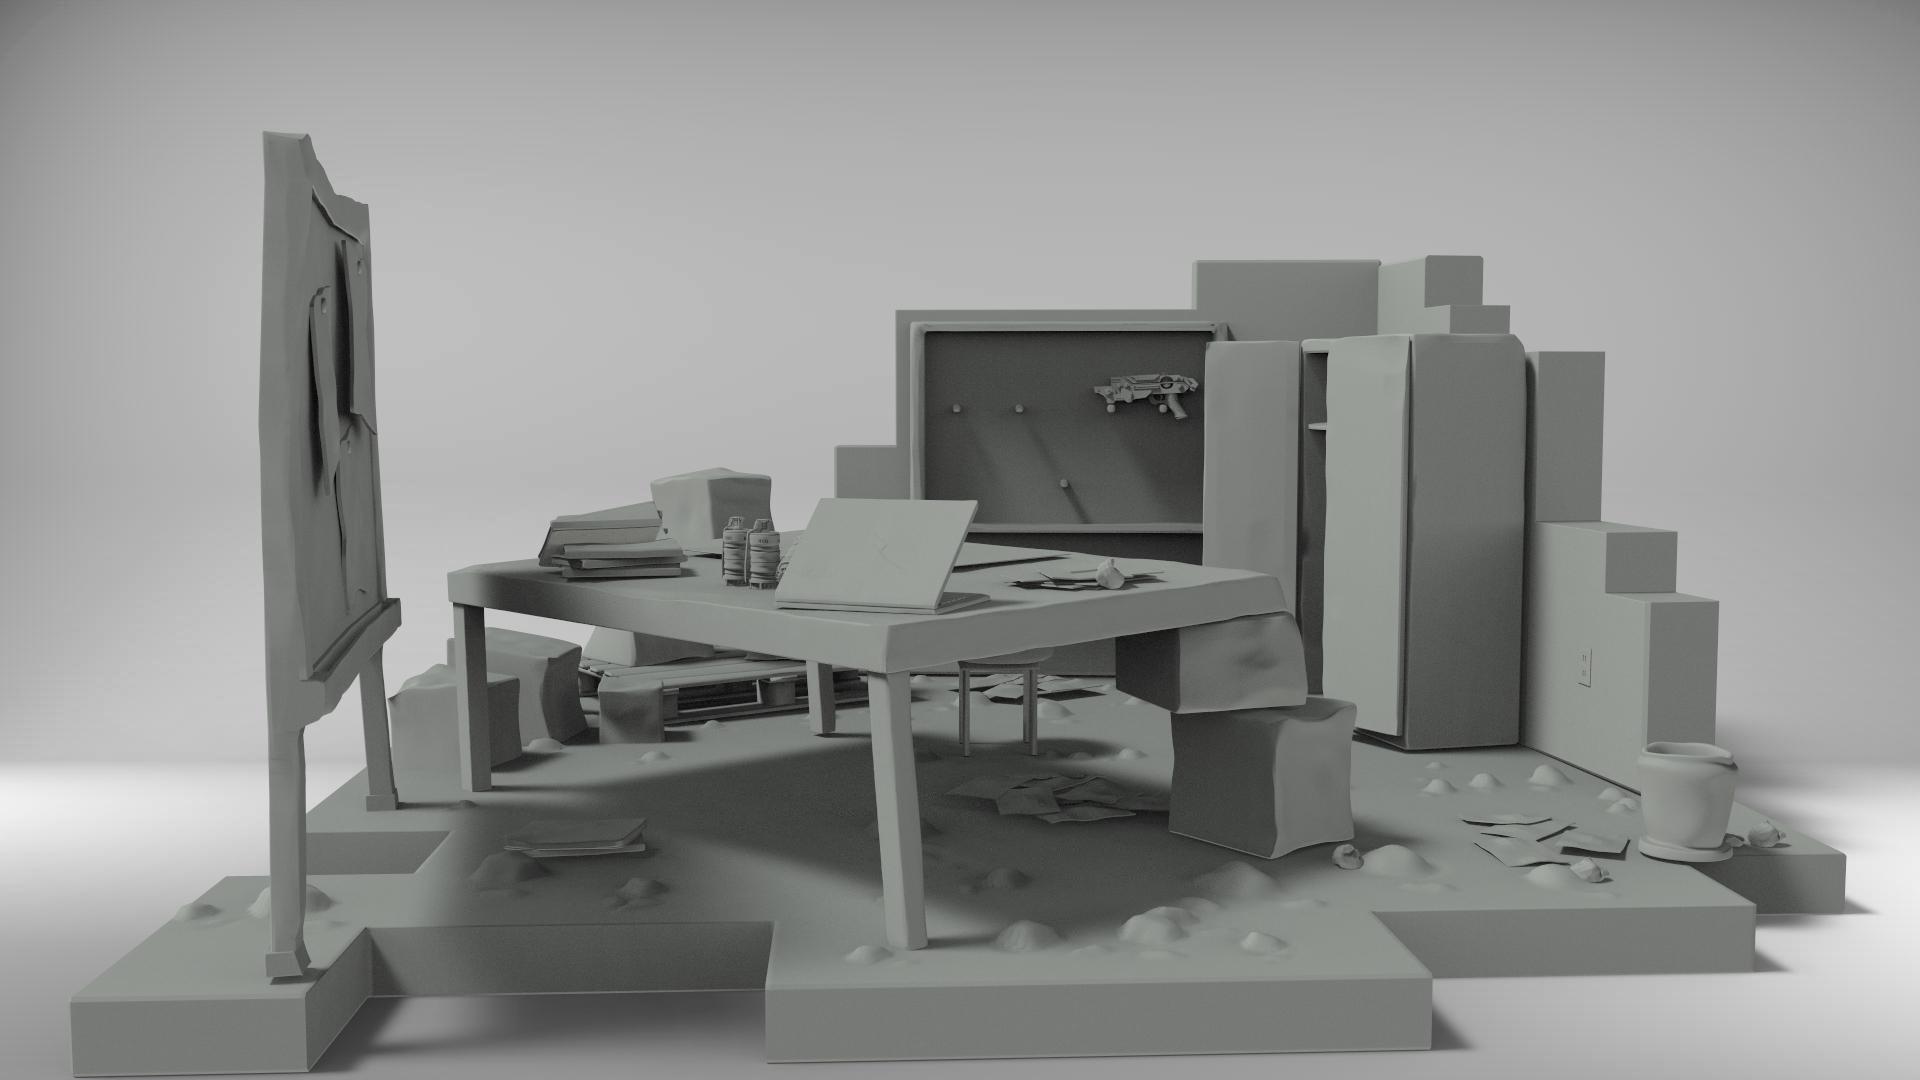 Mini Environment